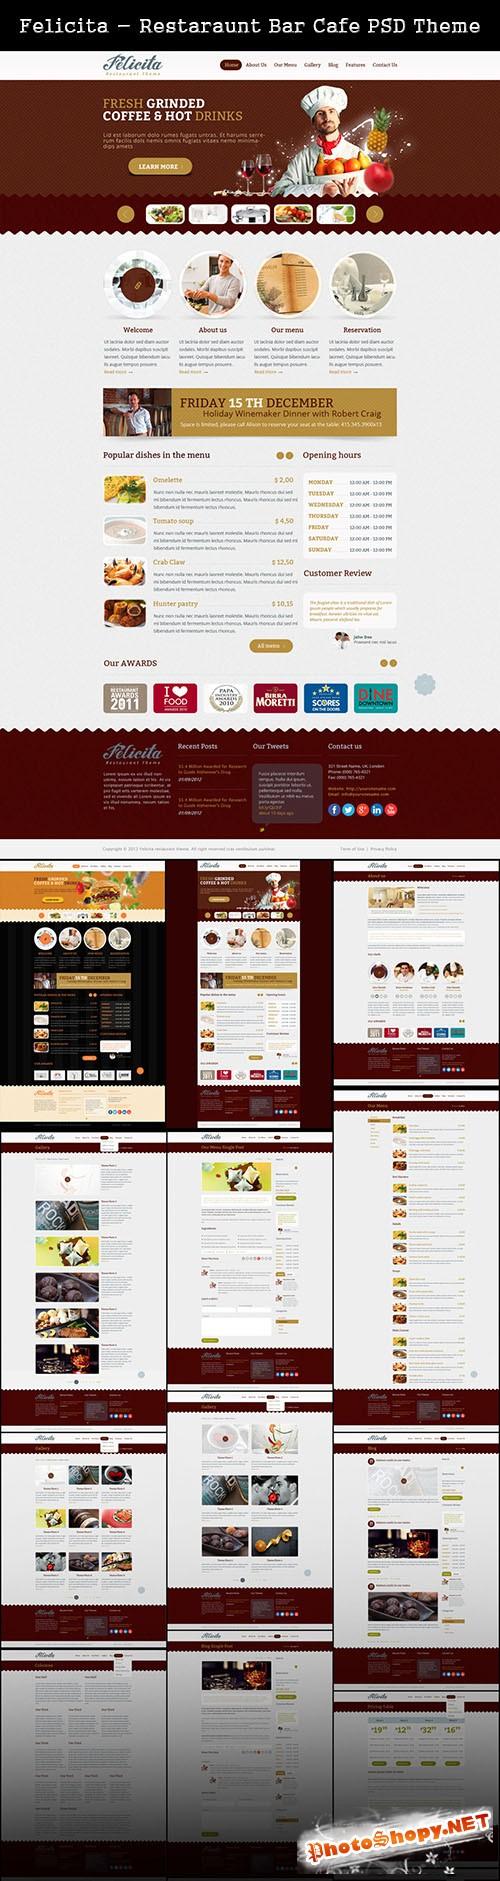 Restaraunt Bar Cafe PSD Theme - Felicita